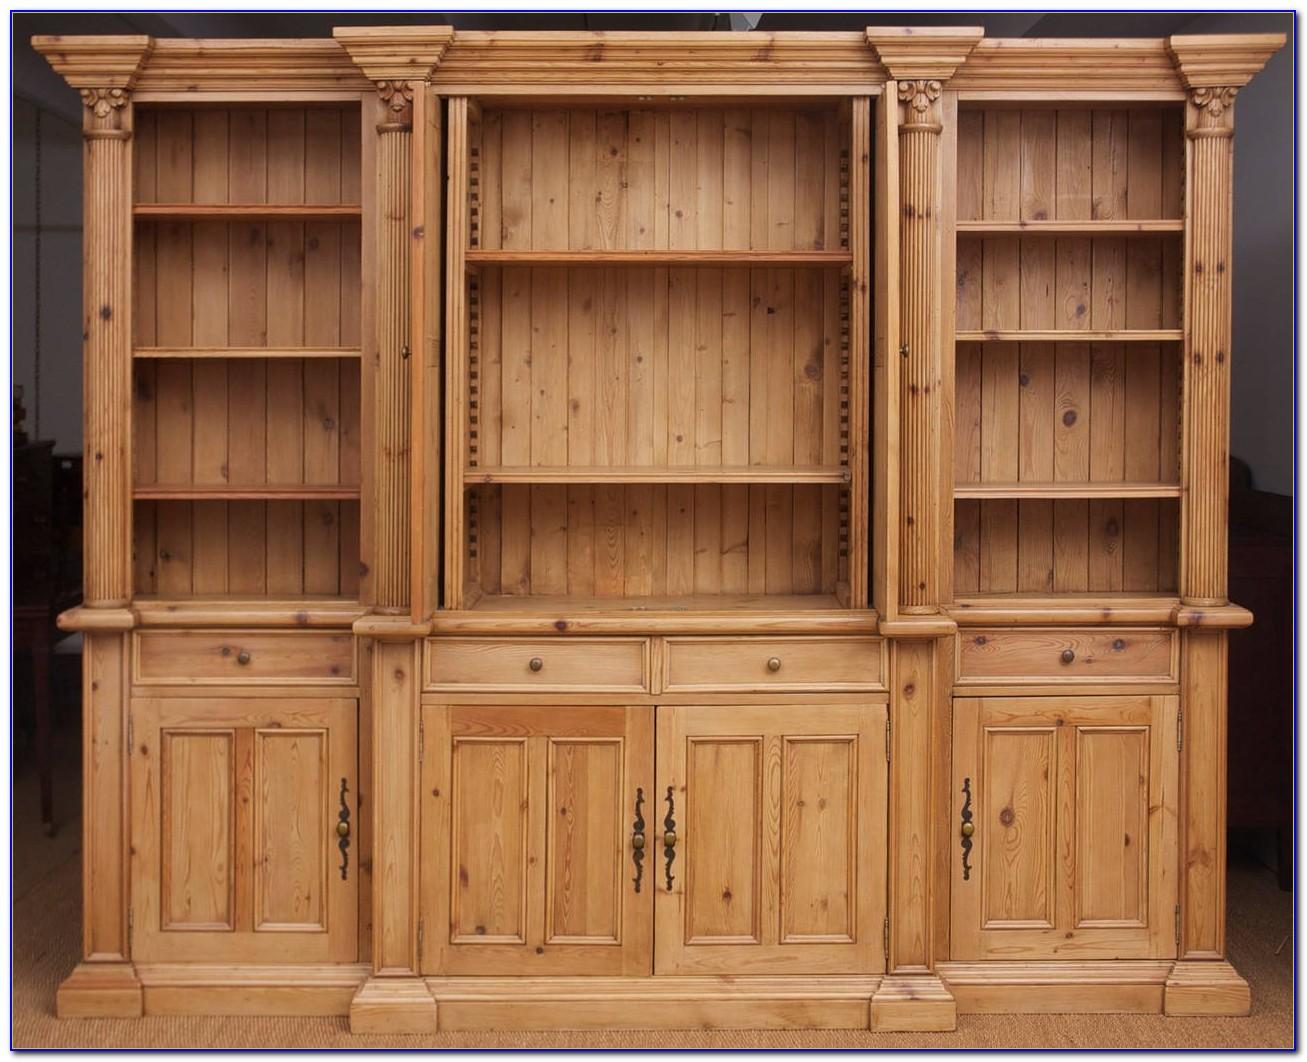 Reclaimed Pine Bookshelf